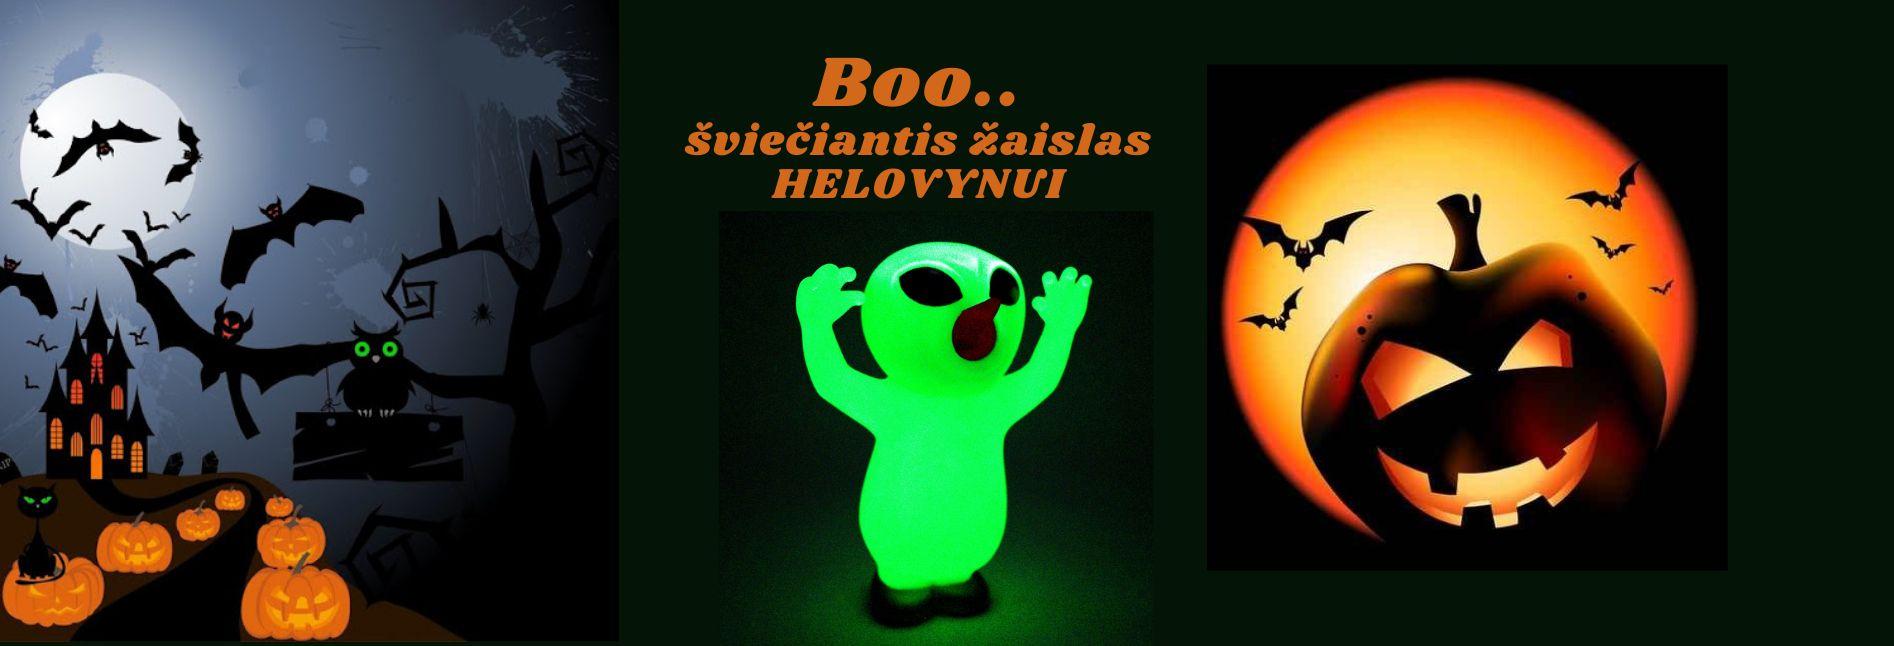 Helovynas